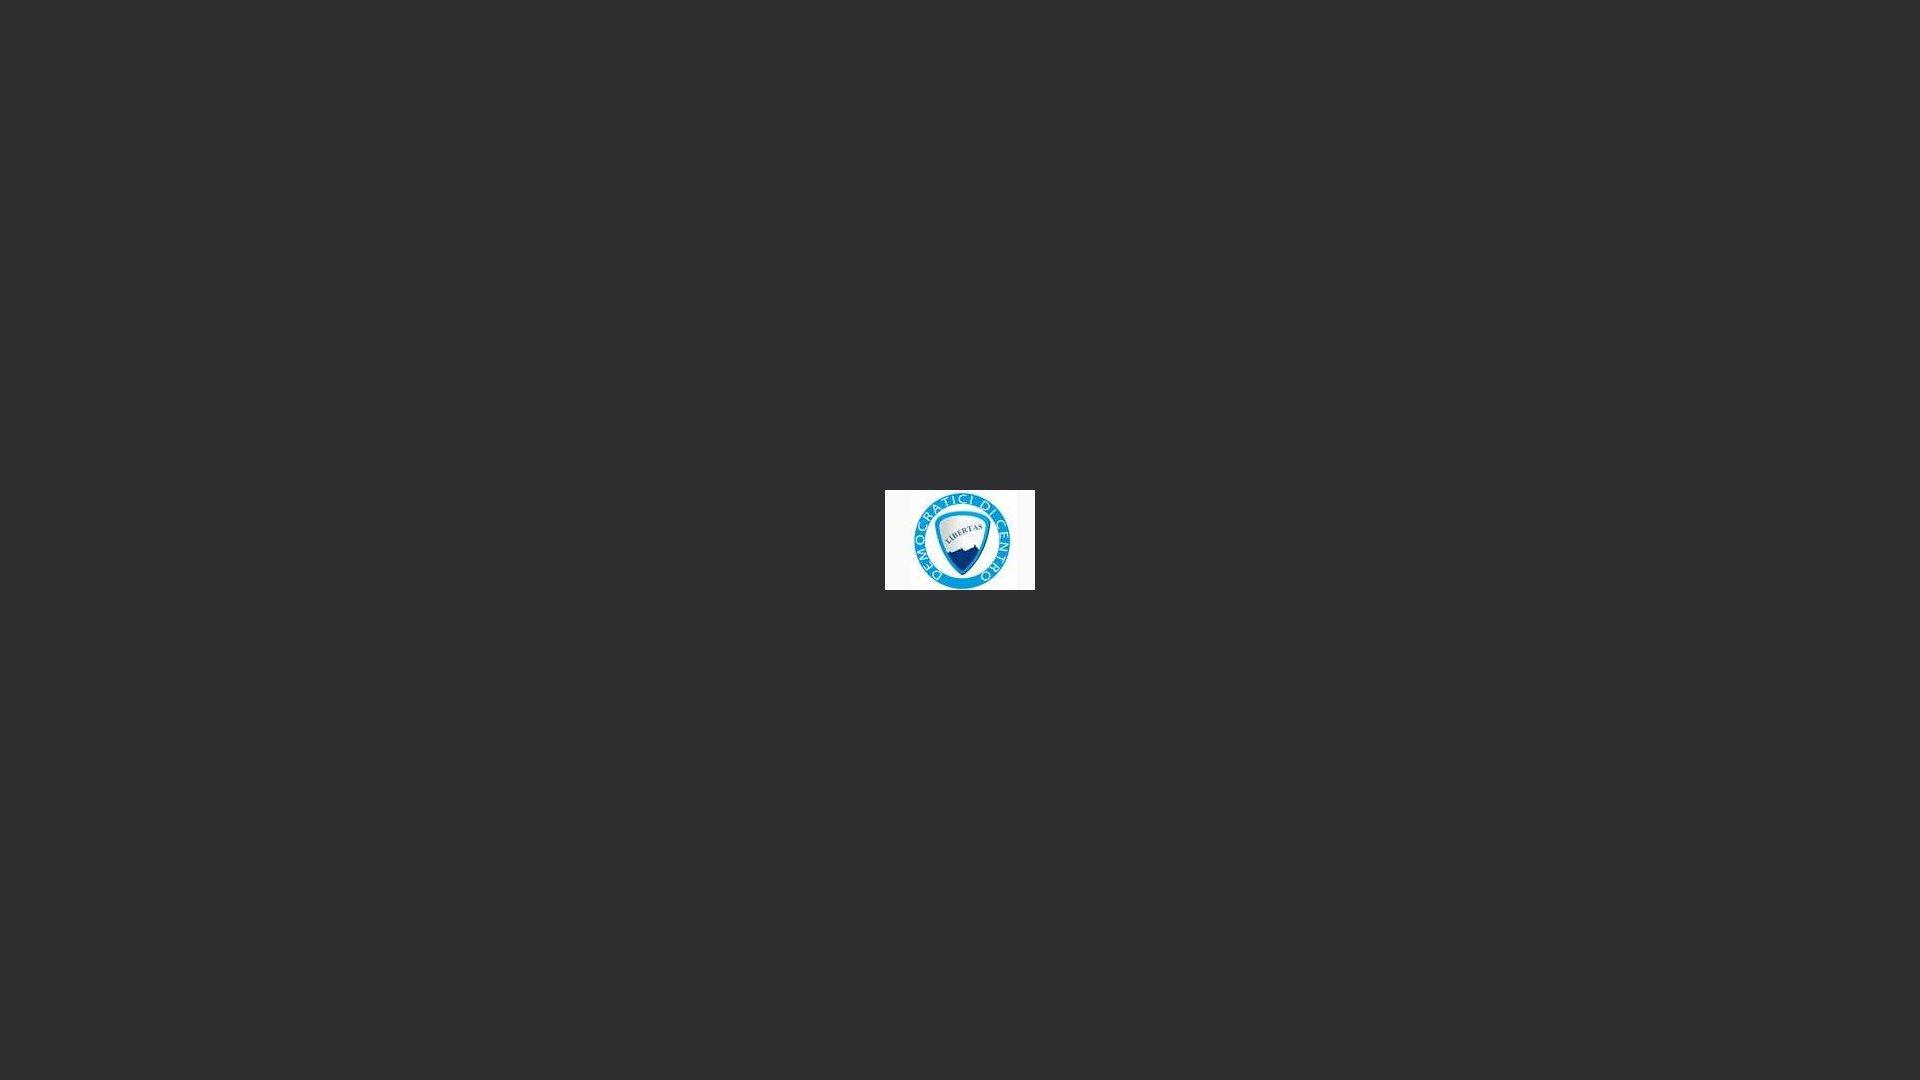 DD sito di incontri